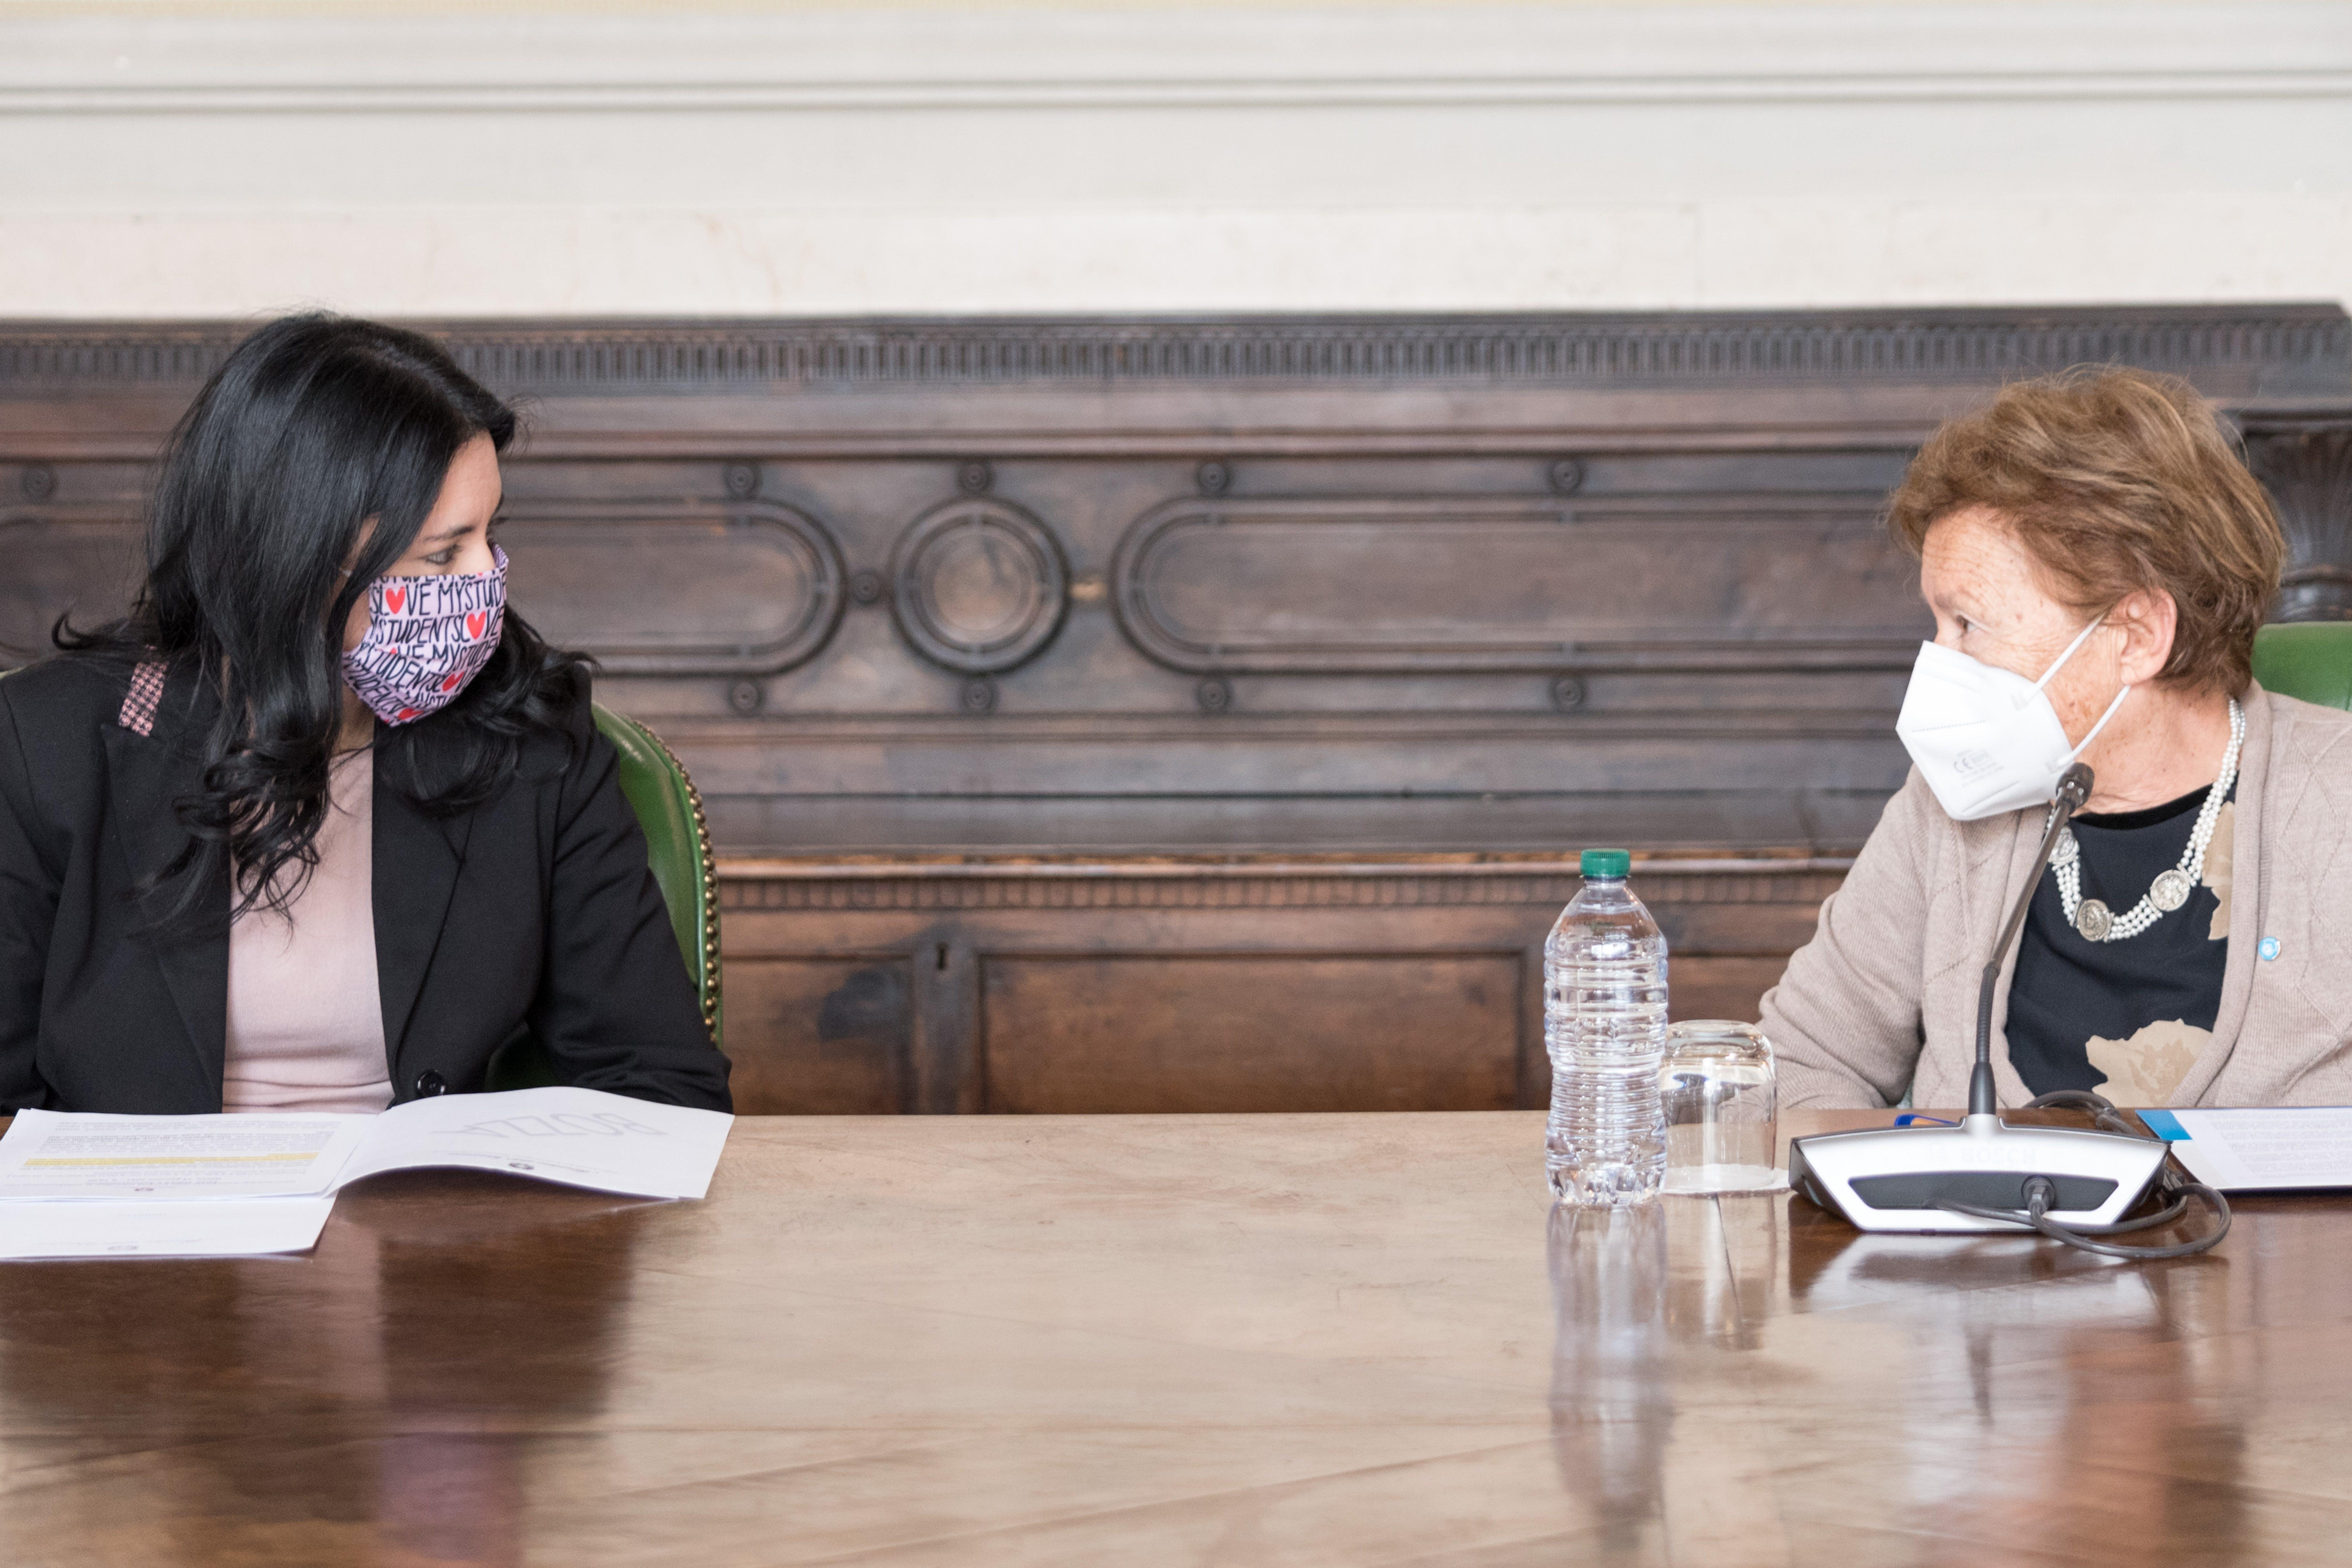 La Ministra dell'Istruzione Lucia Azzolina e la Presidente dell'UNICEF Italia Carmela Pace